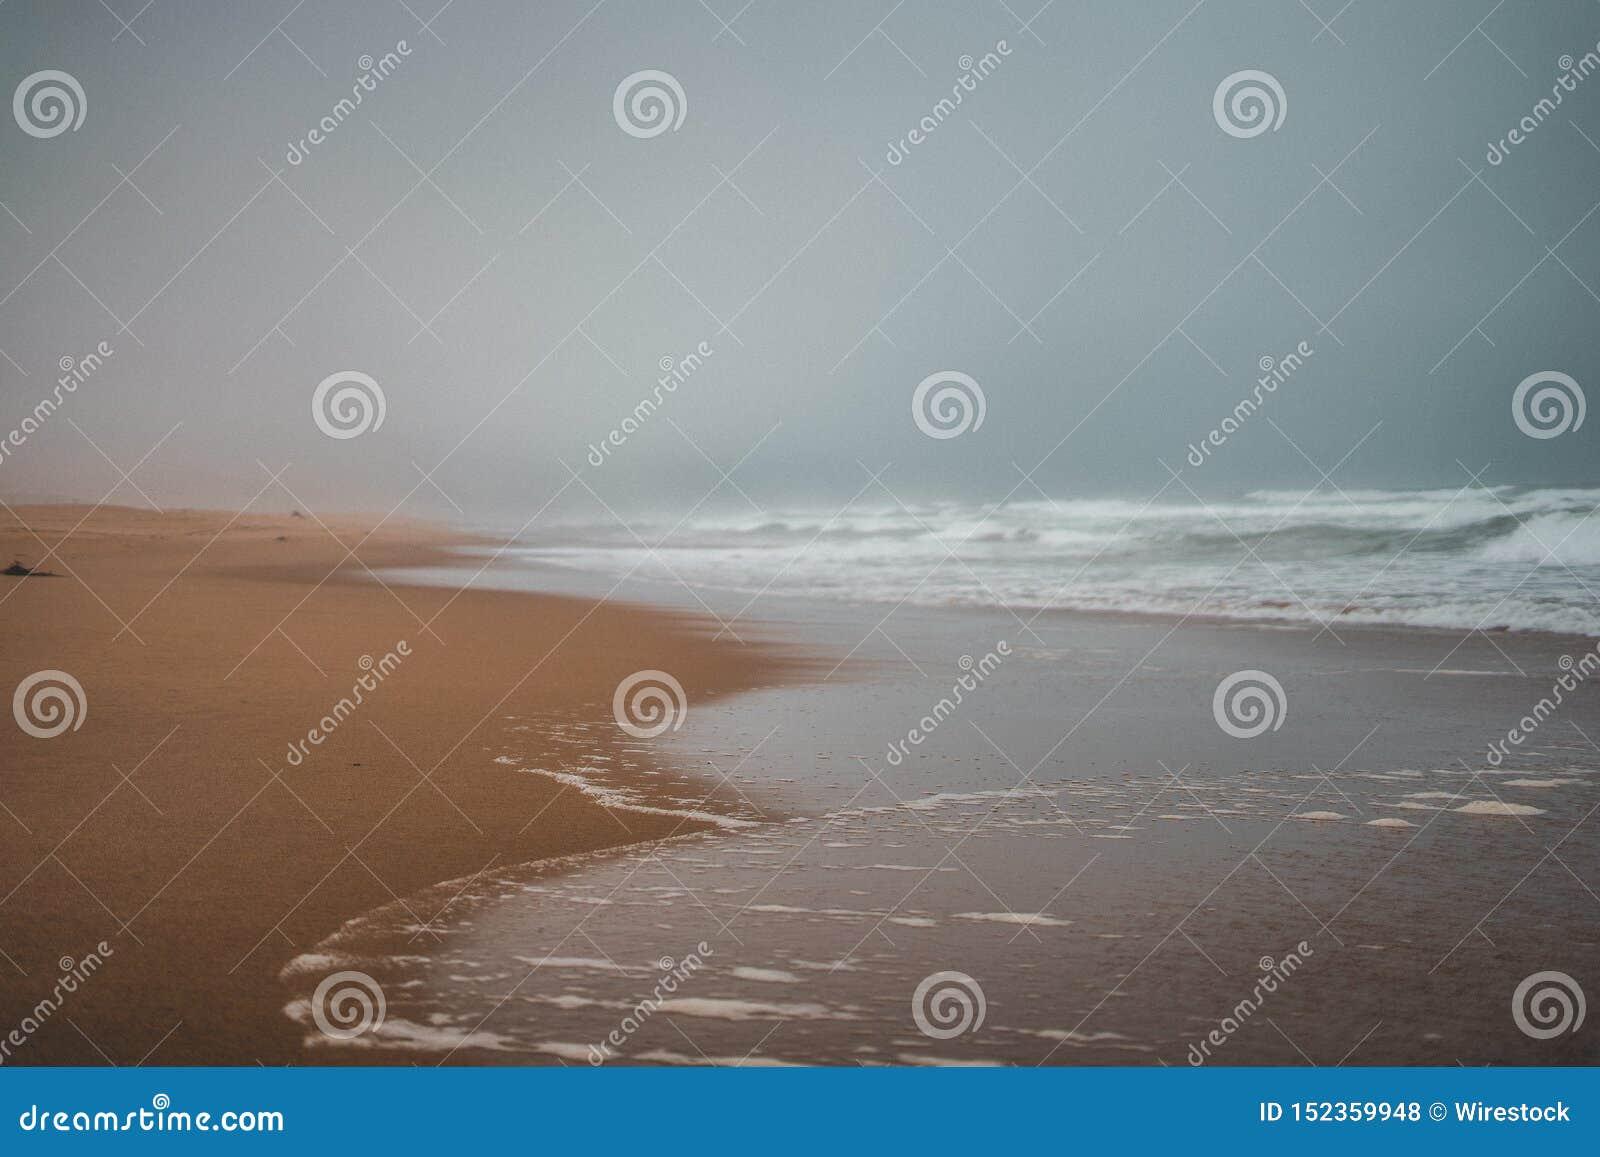 Широкая съемка пляжа с сильными броскими волнами получая более близко